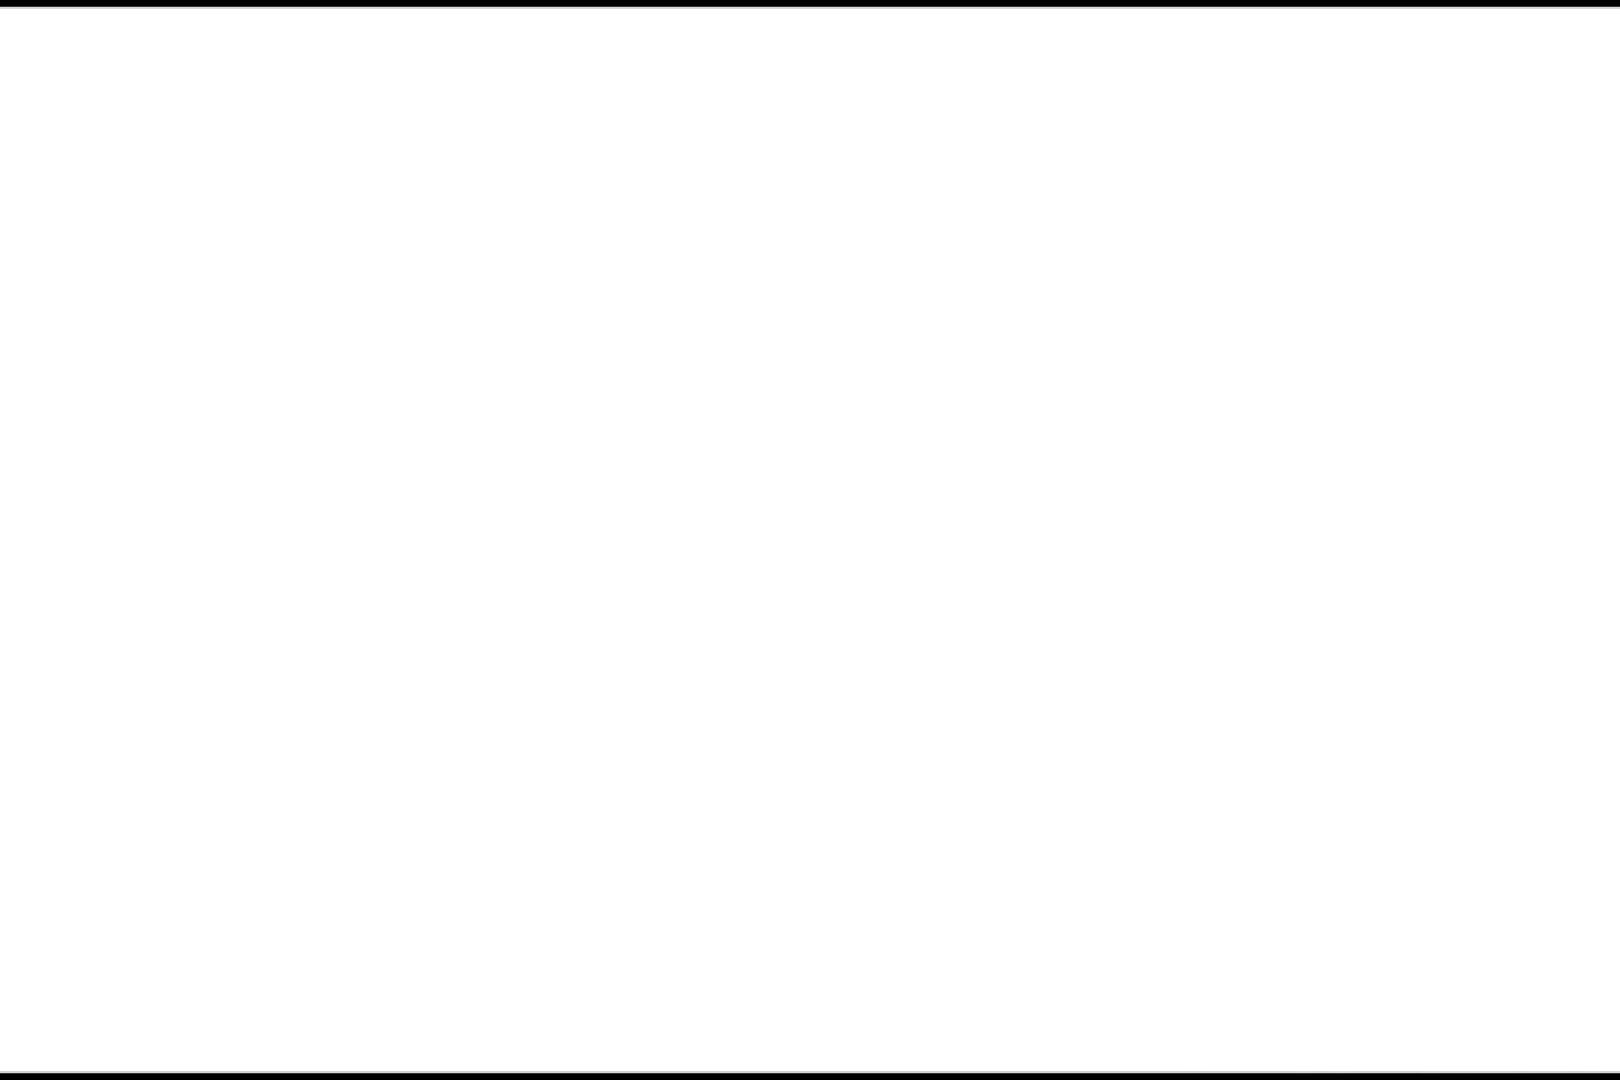 和式にまたがる女たちを待ちうけるカメラの衝撃映像vol.02 接写 盗撮オマンコ無修正動画無料 107連発 39